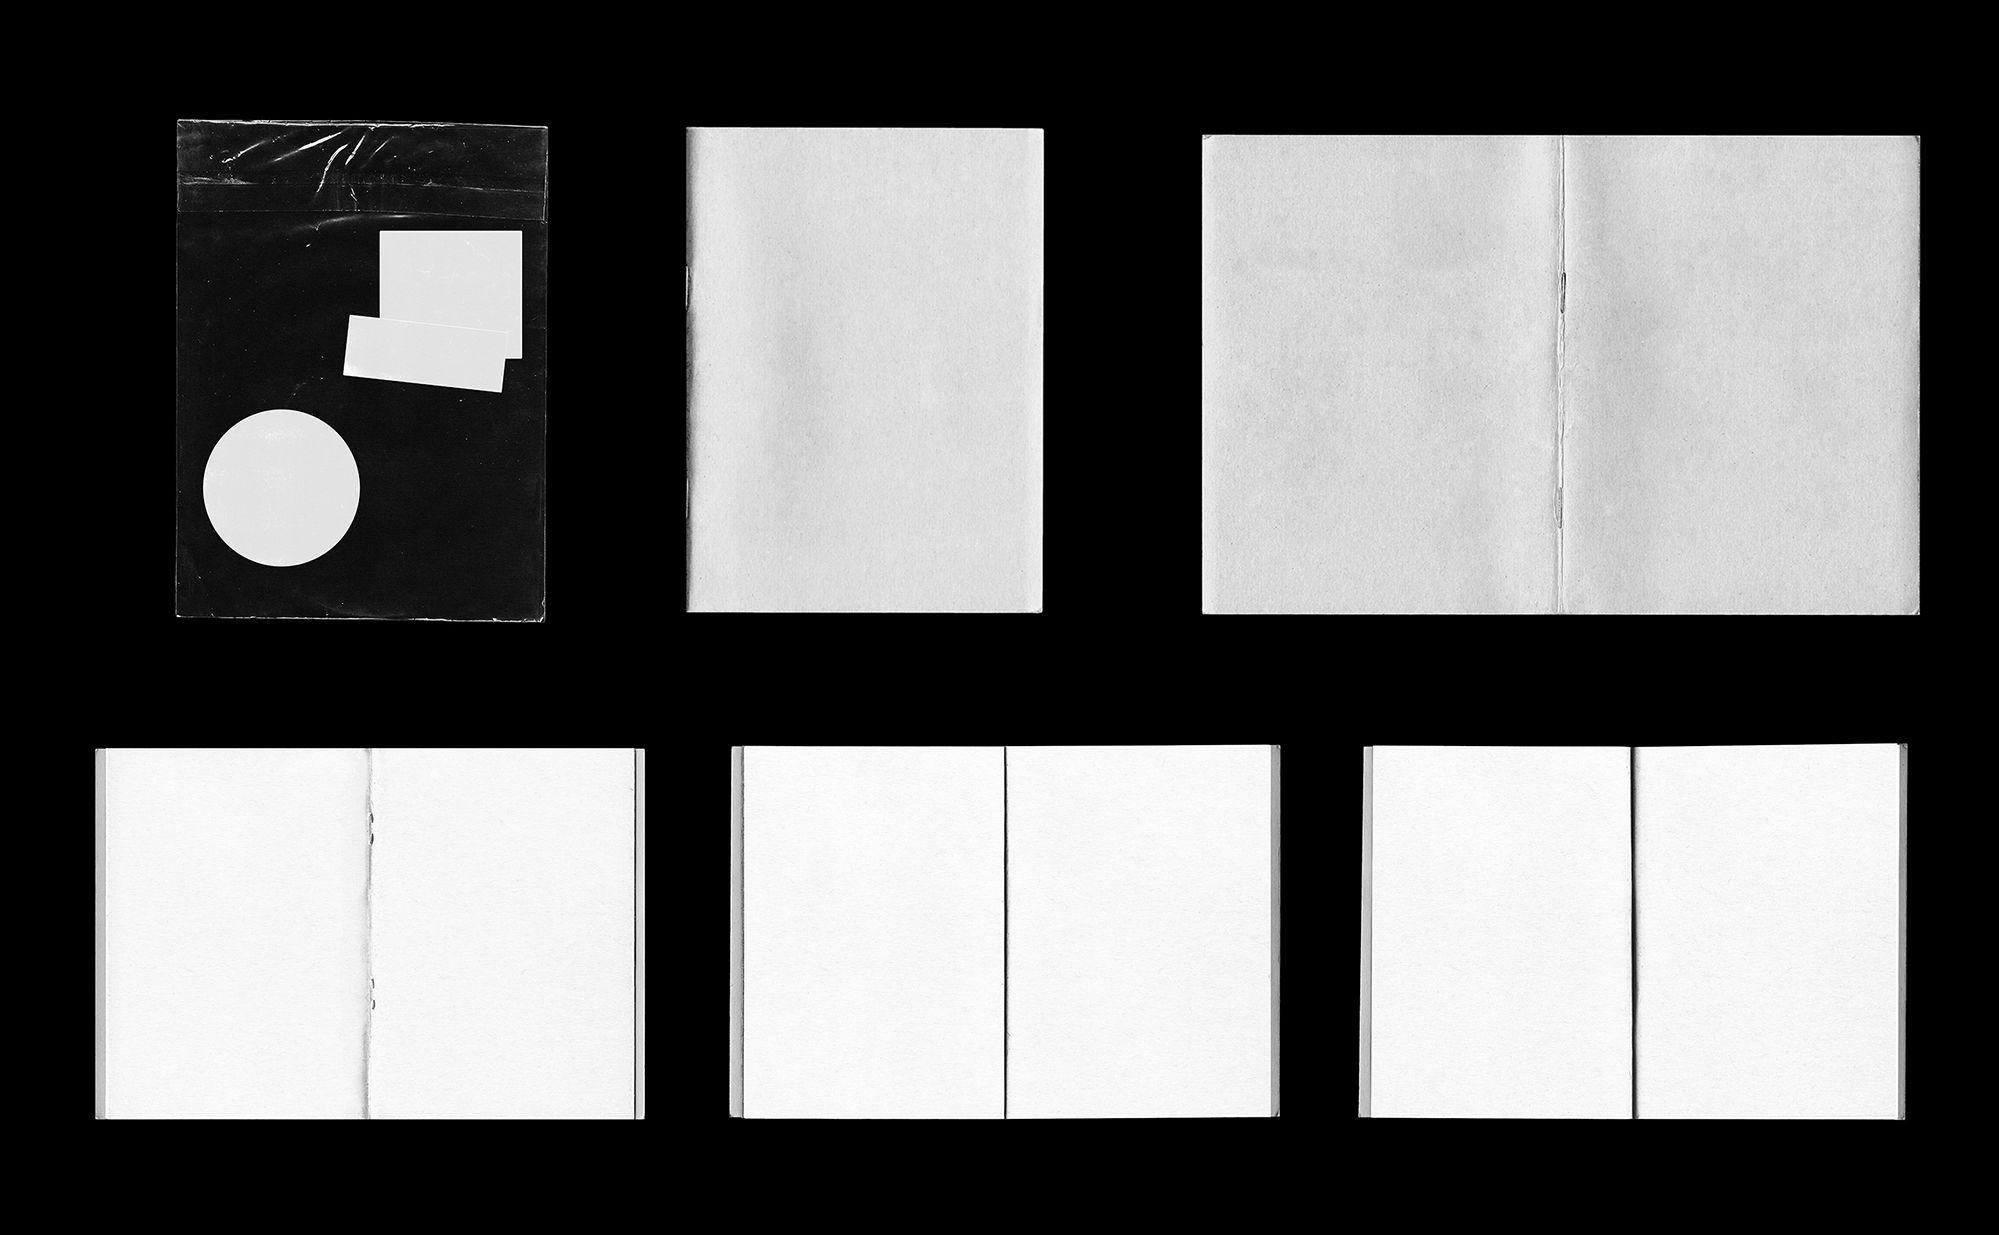 Zine Mockup In 2021 Paper Texture Mockup Zine